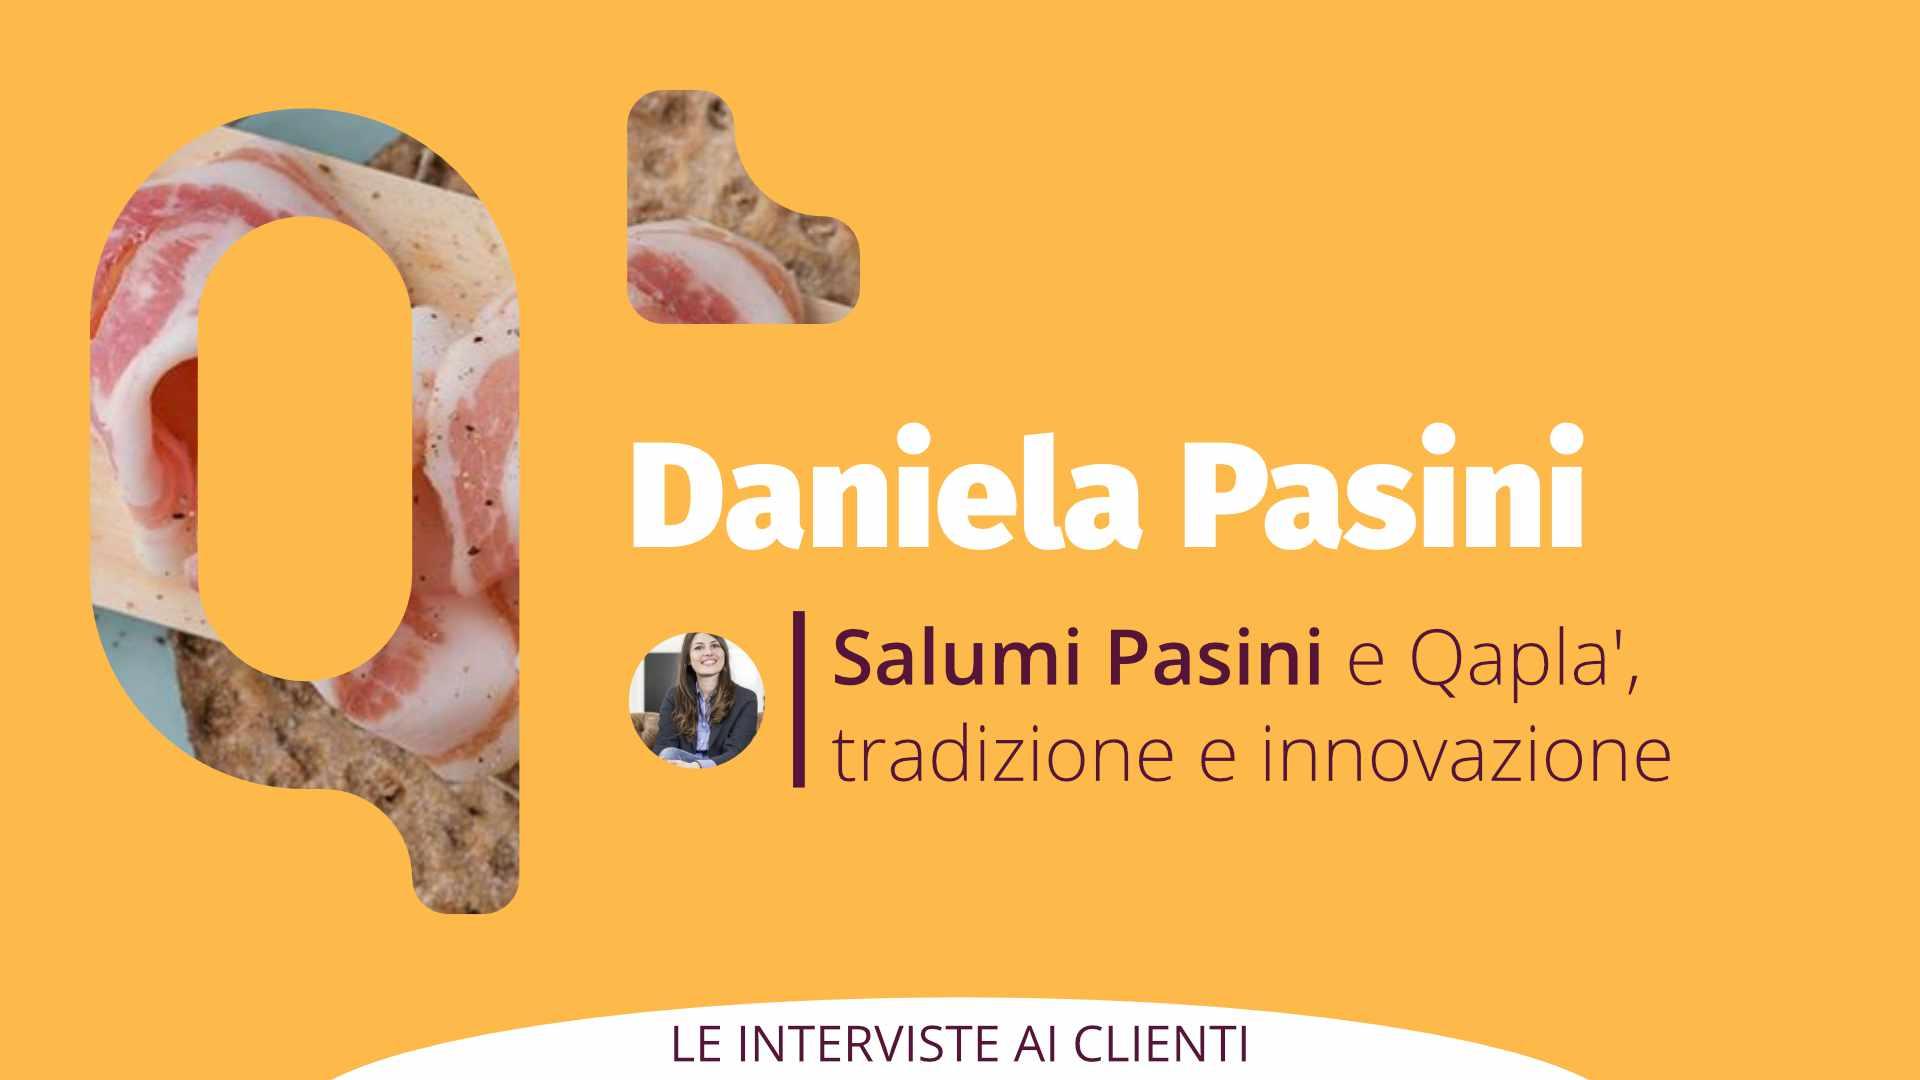 Daniela Pasini